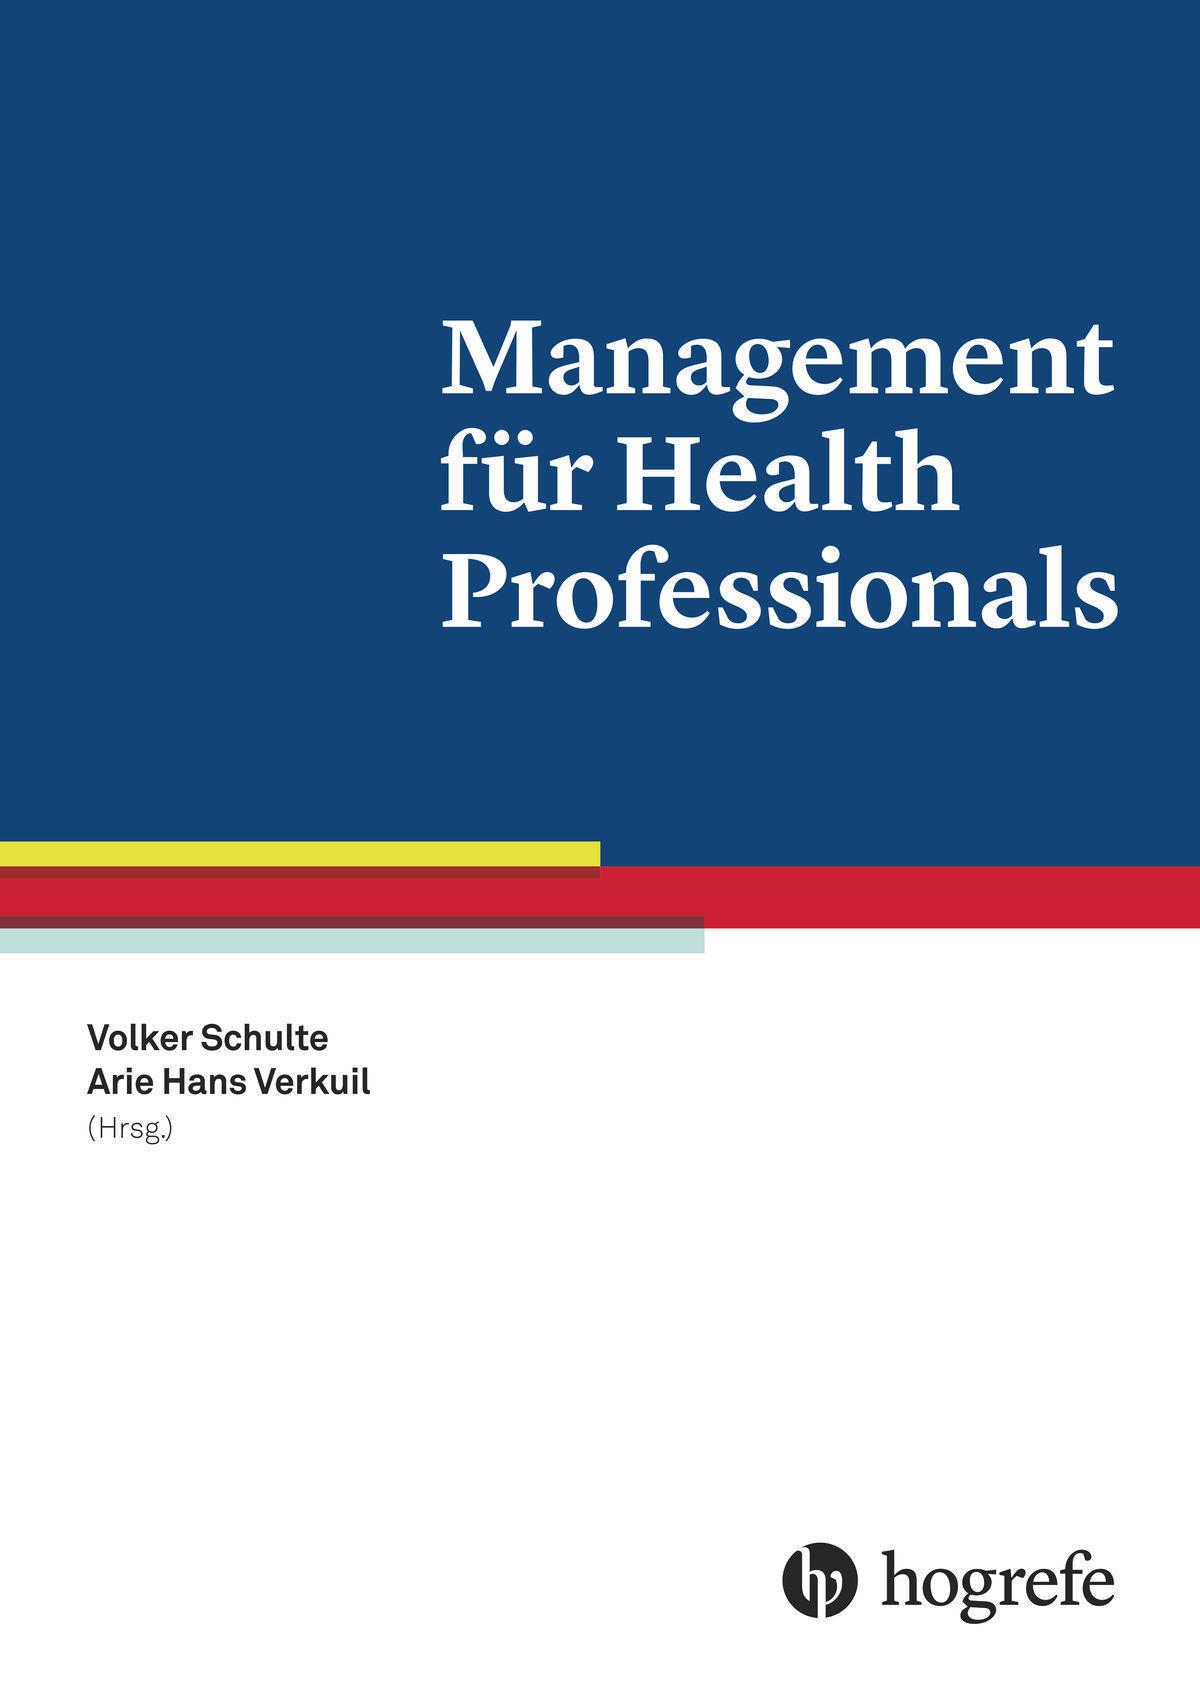 Management für Health Professionals